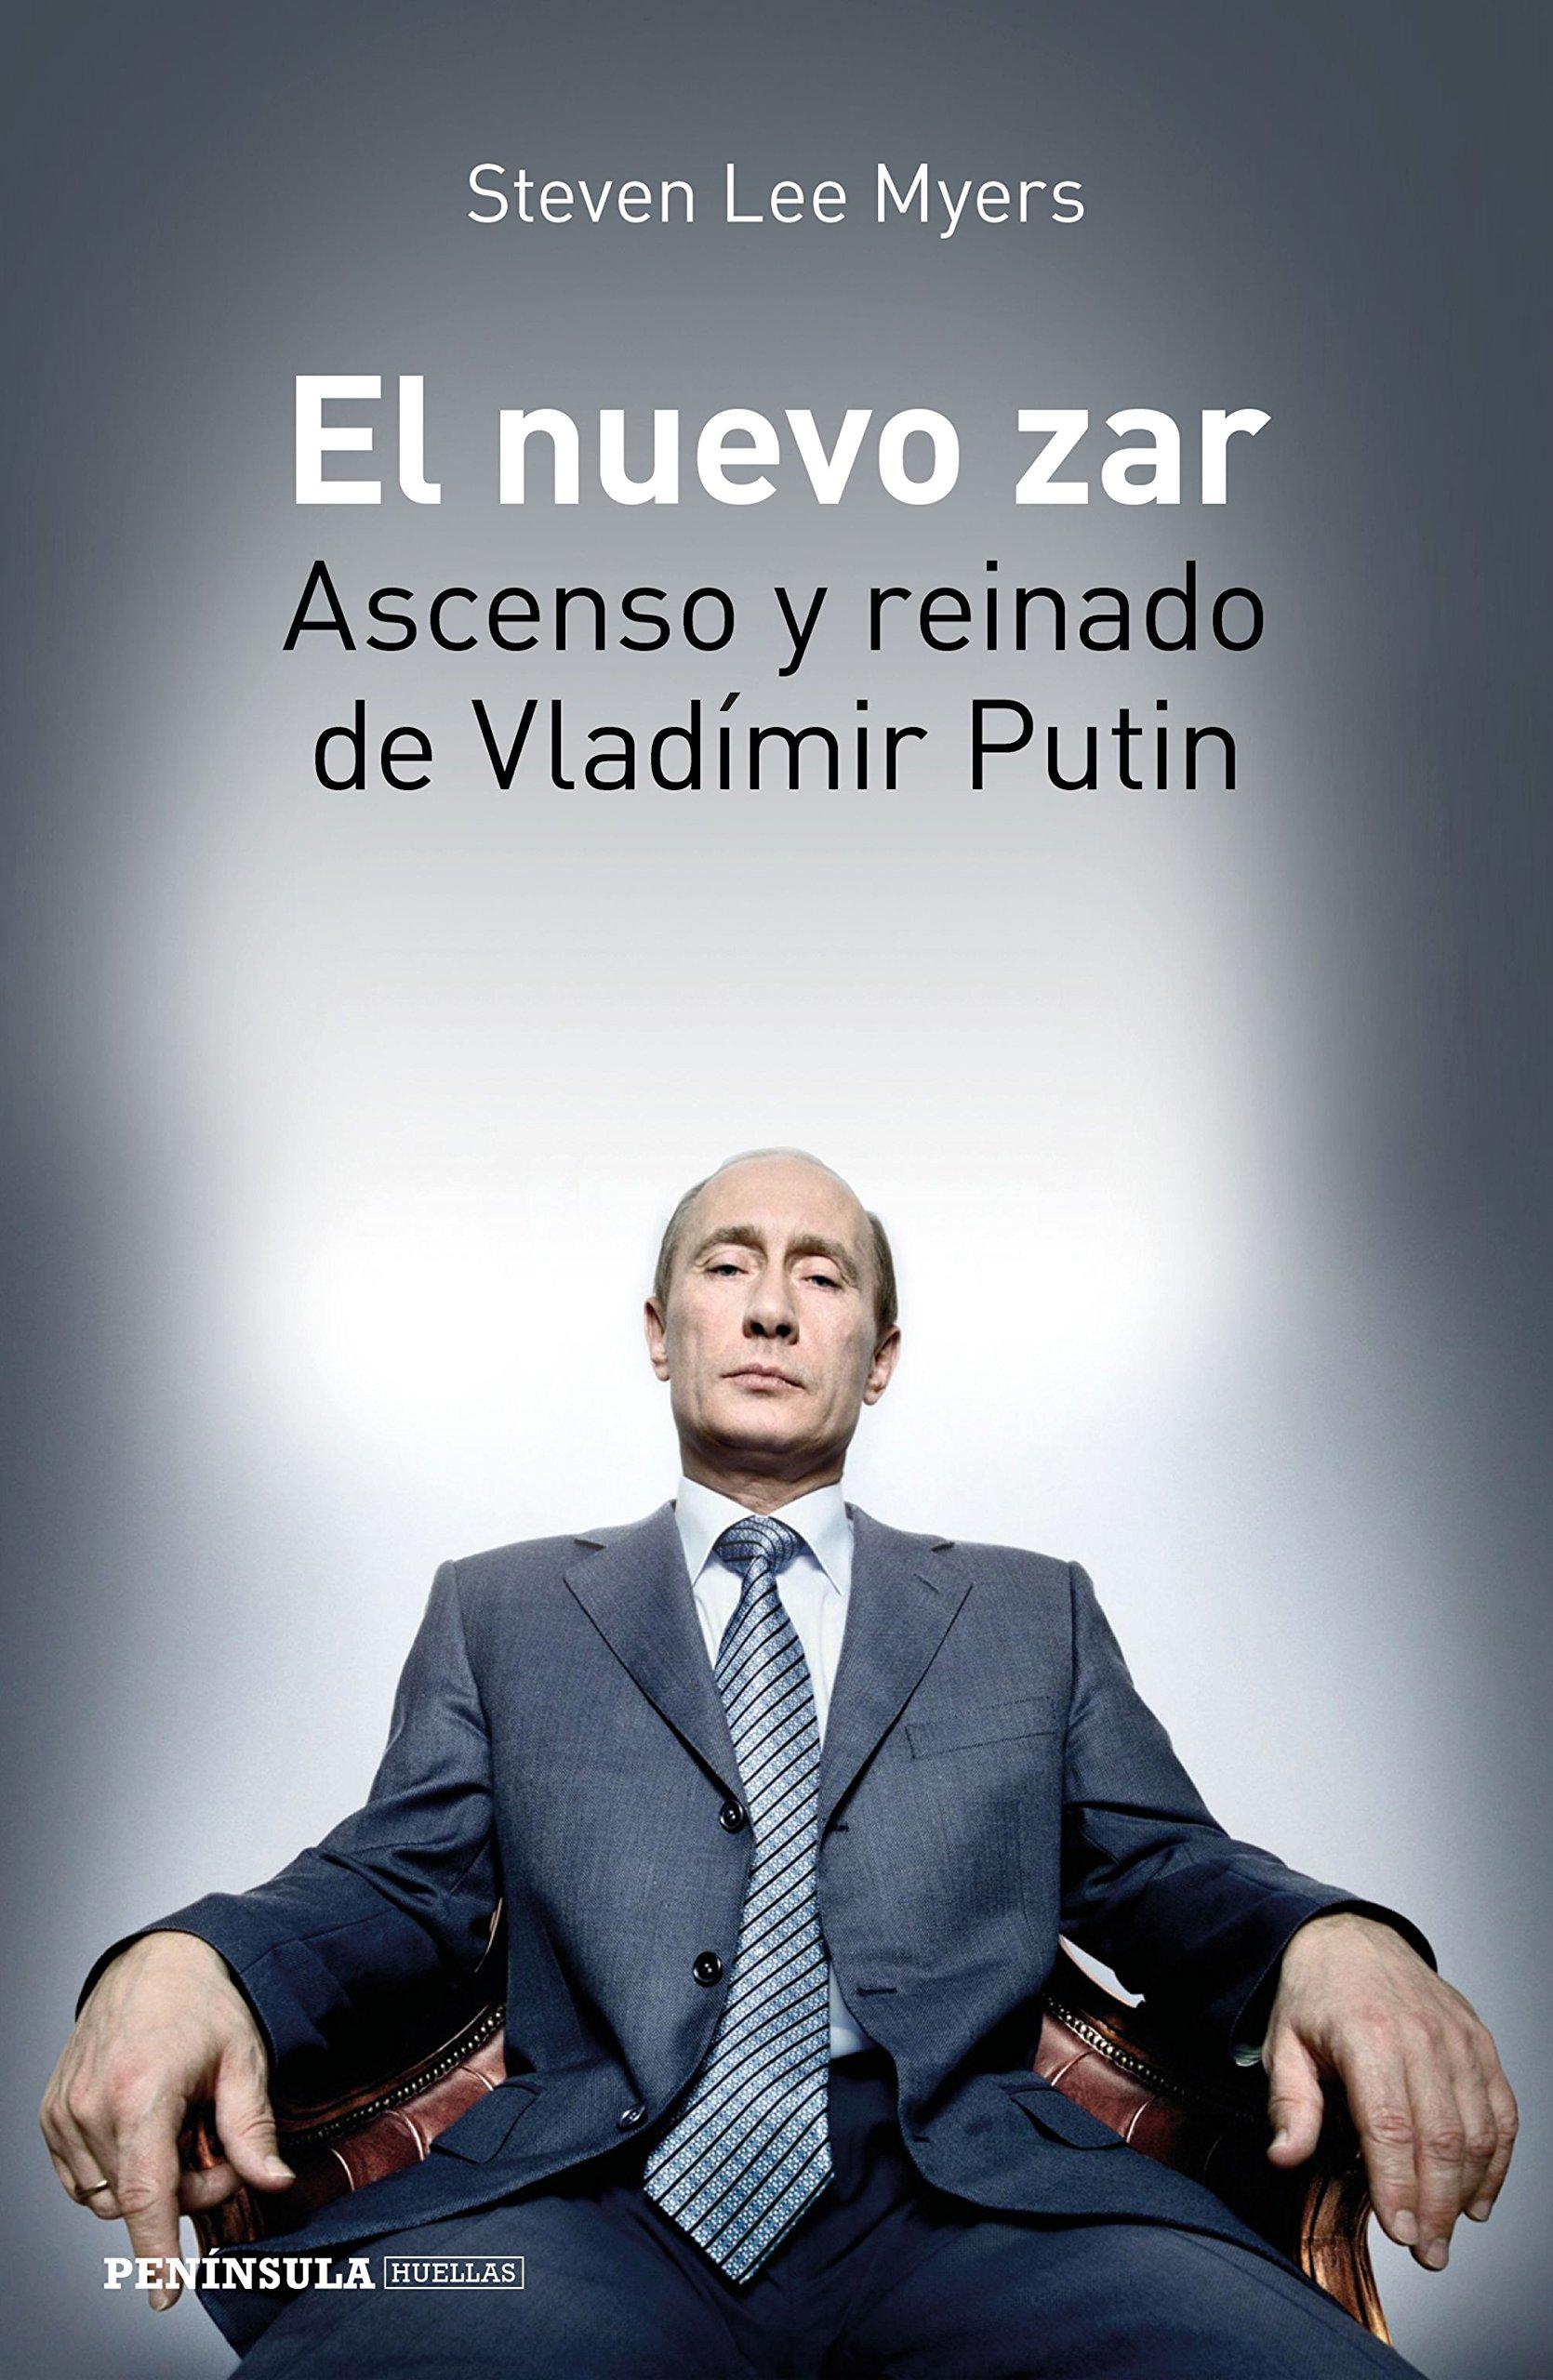 El nuevo zar: Ascenso y reinado de Vladímir Putin (HUELLAS) Tapa blanda – 9 oct 2018 Steven Lee Myers Nadia Cristina Volonté Ediciones Península 8499427316